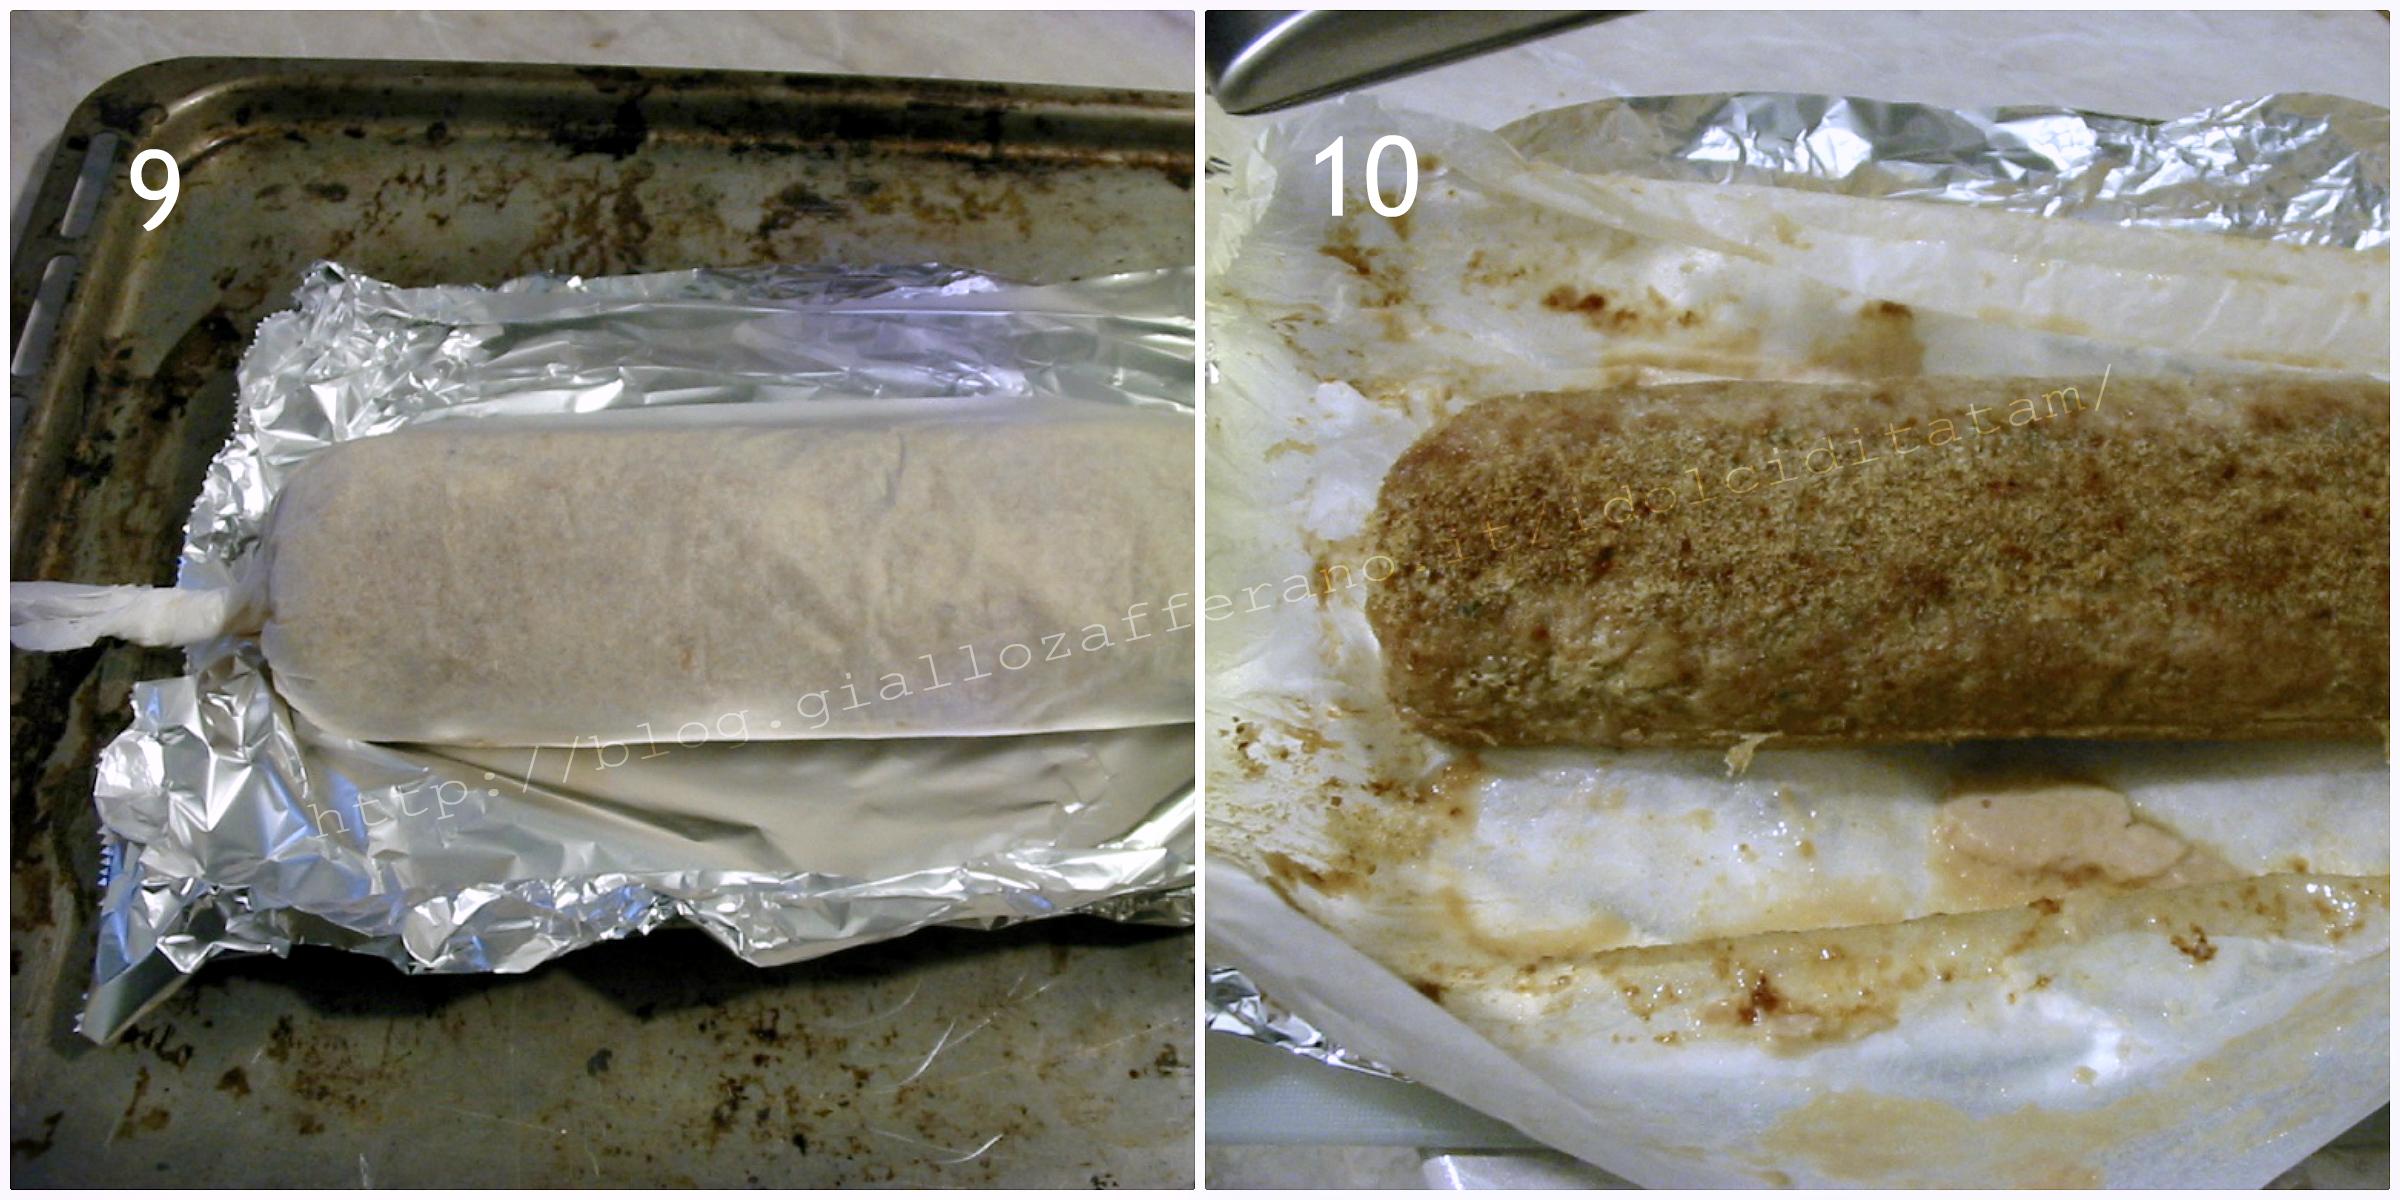 Polpettone farcito in crosta9-10